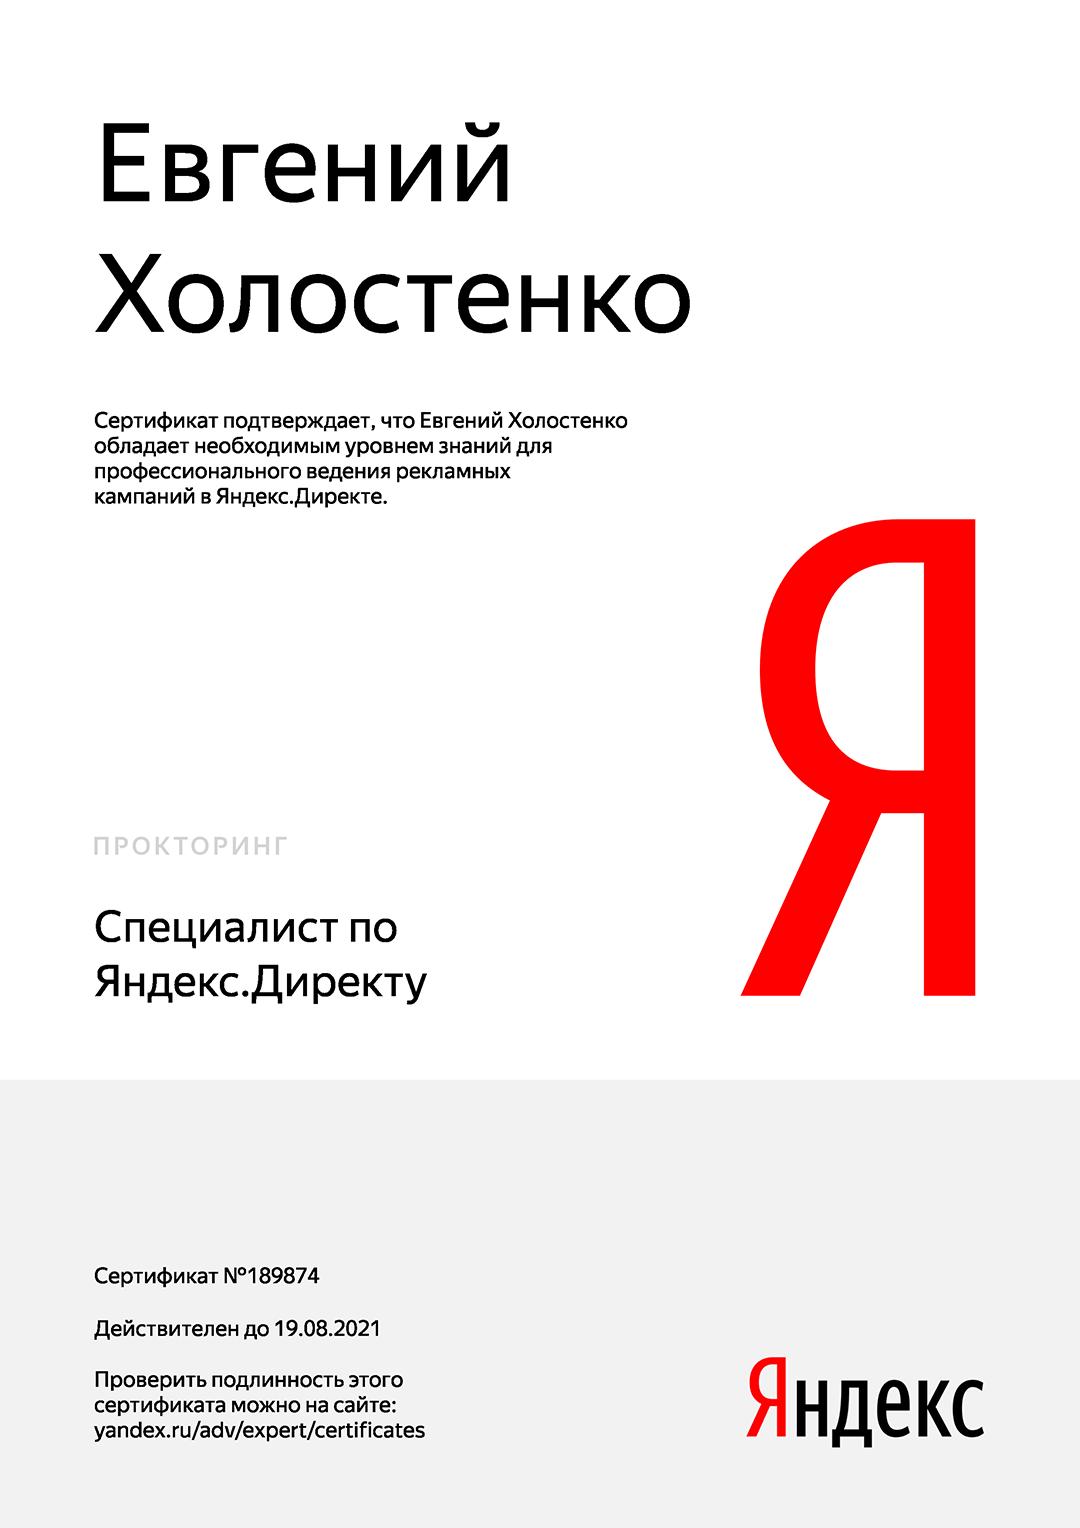 Сертифицированный специалист Yandex Direct